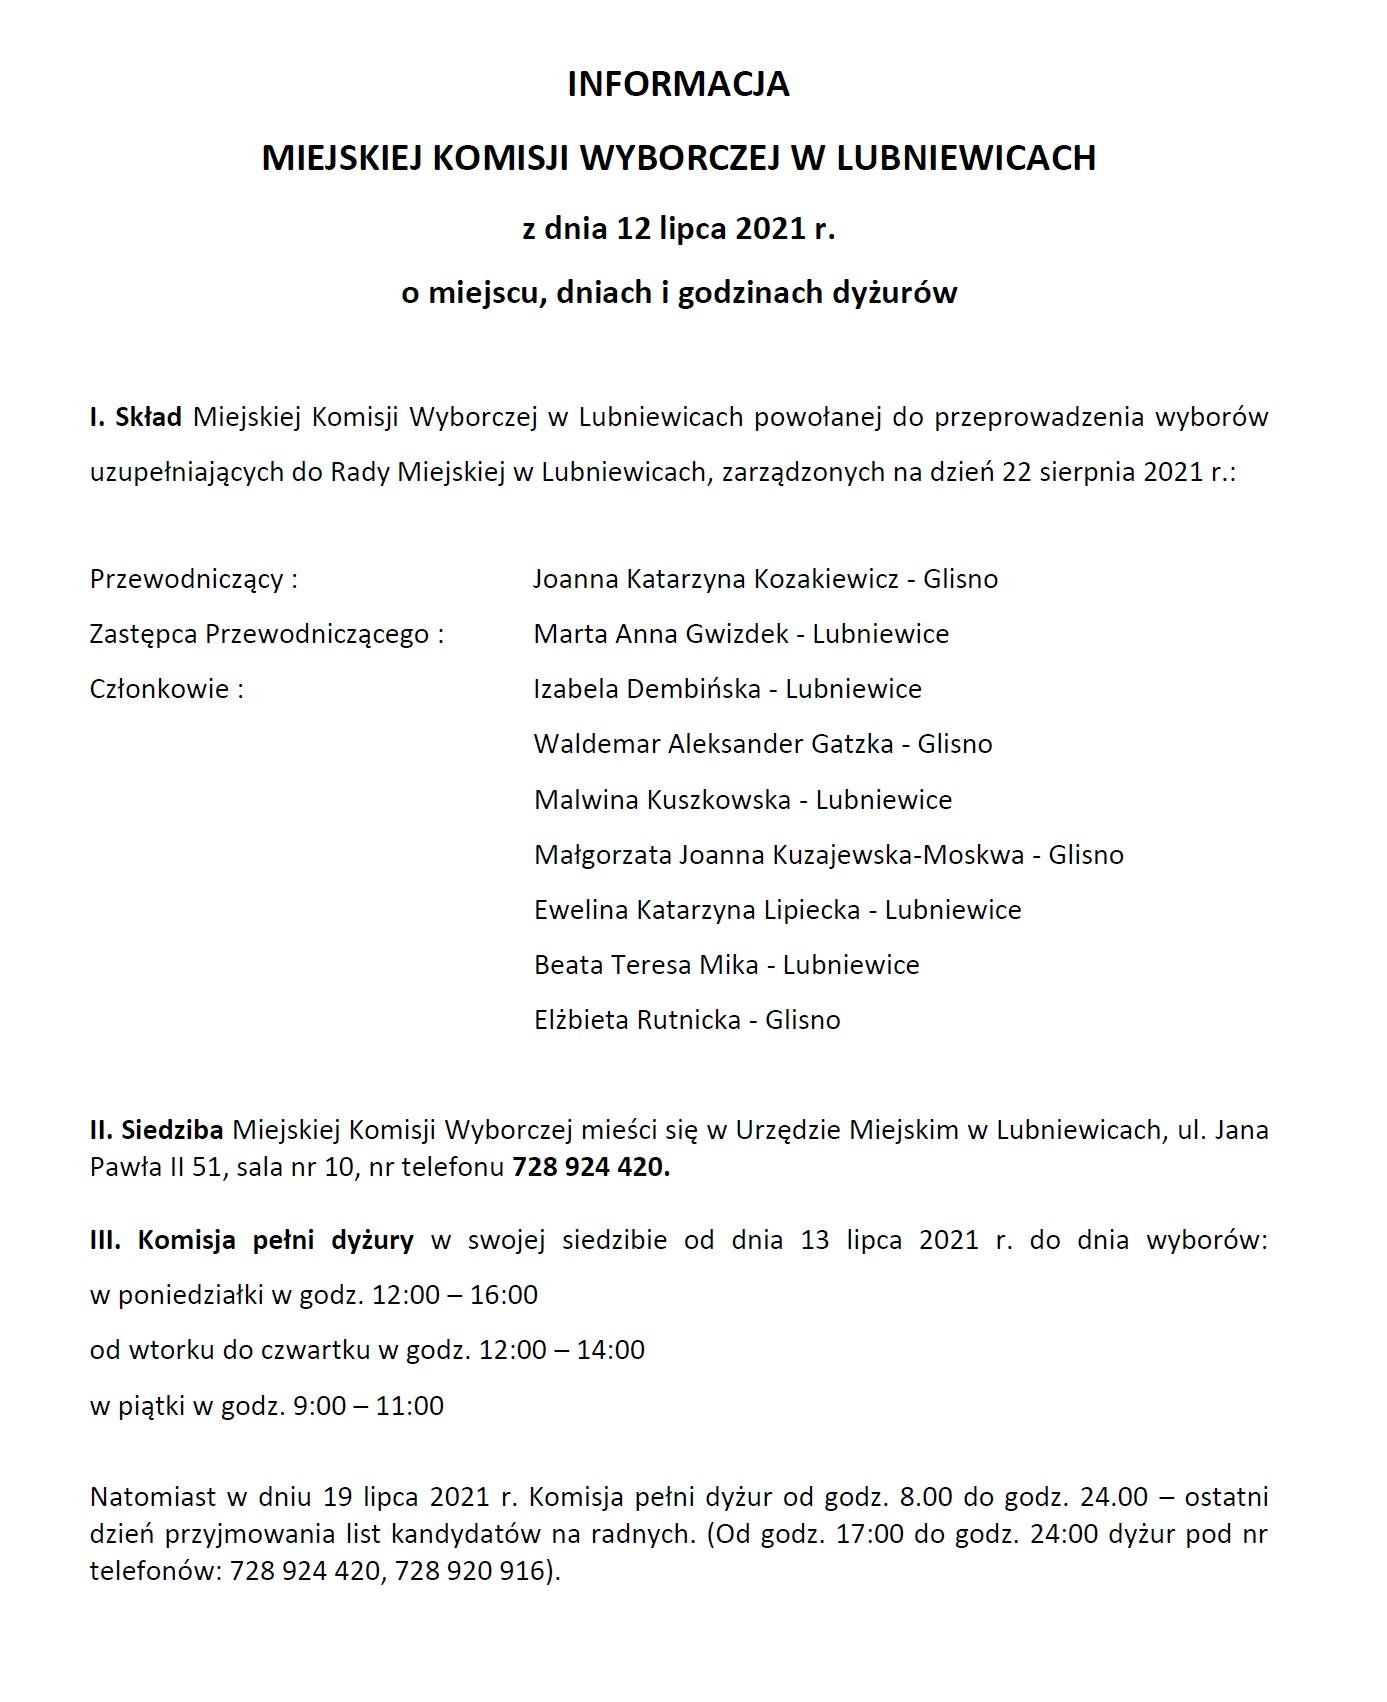 miejska komisja wyborcza w lubniewicach wybory uzupełniające